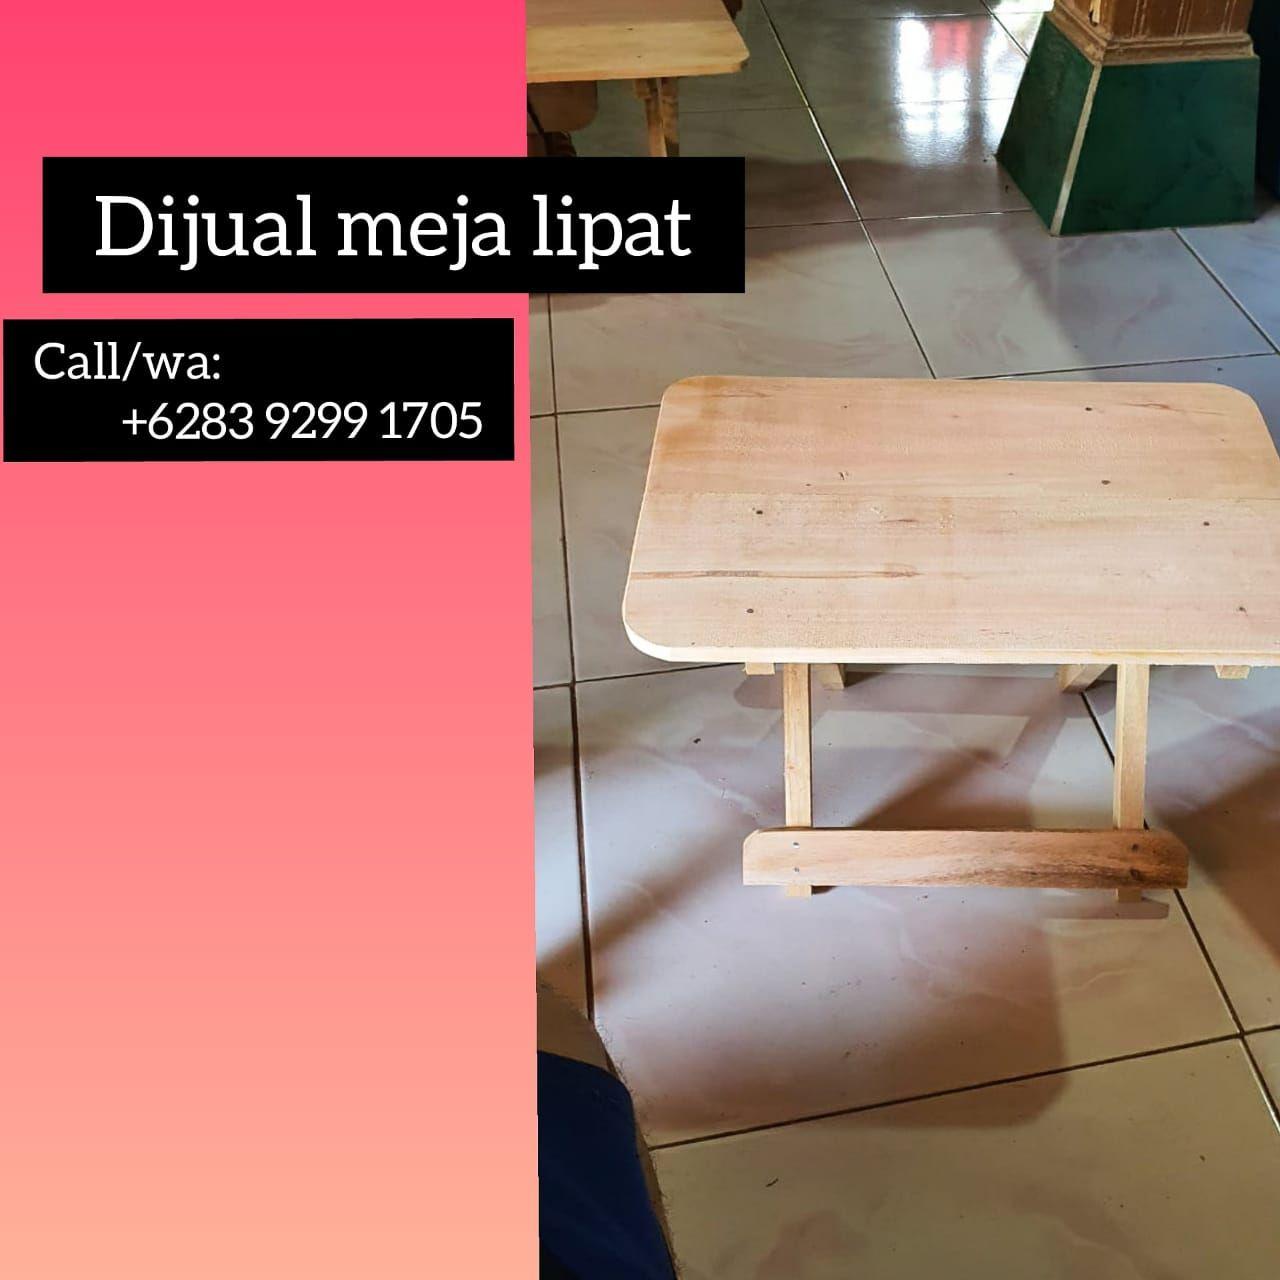 31b8fa109416306ba0b94b3b3168b332